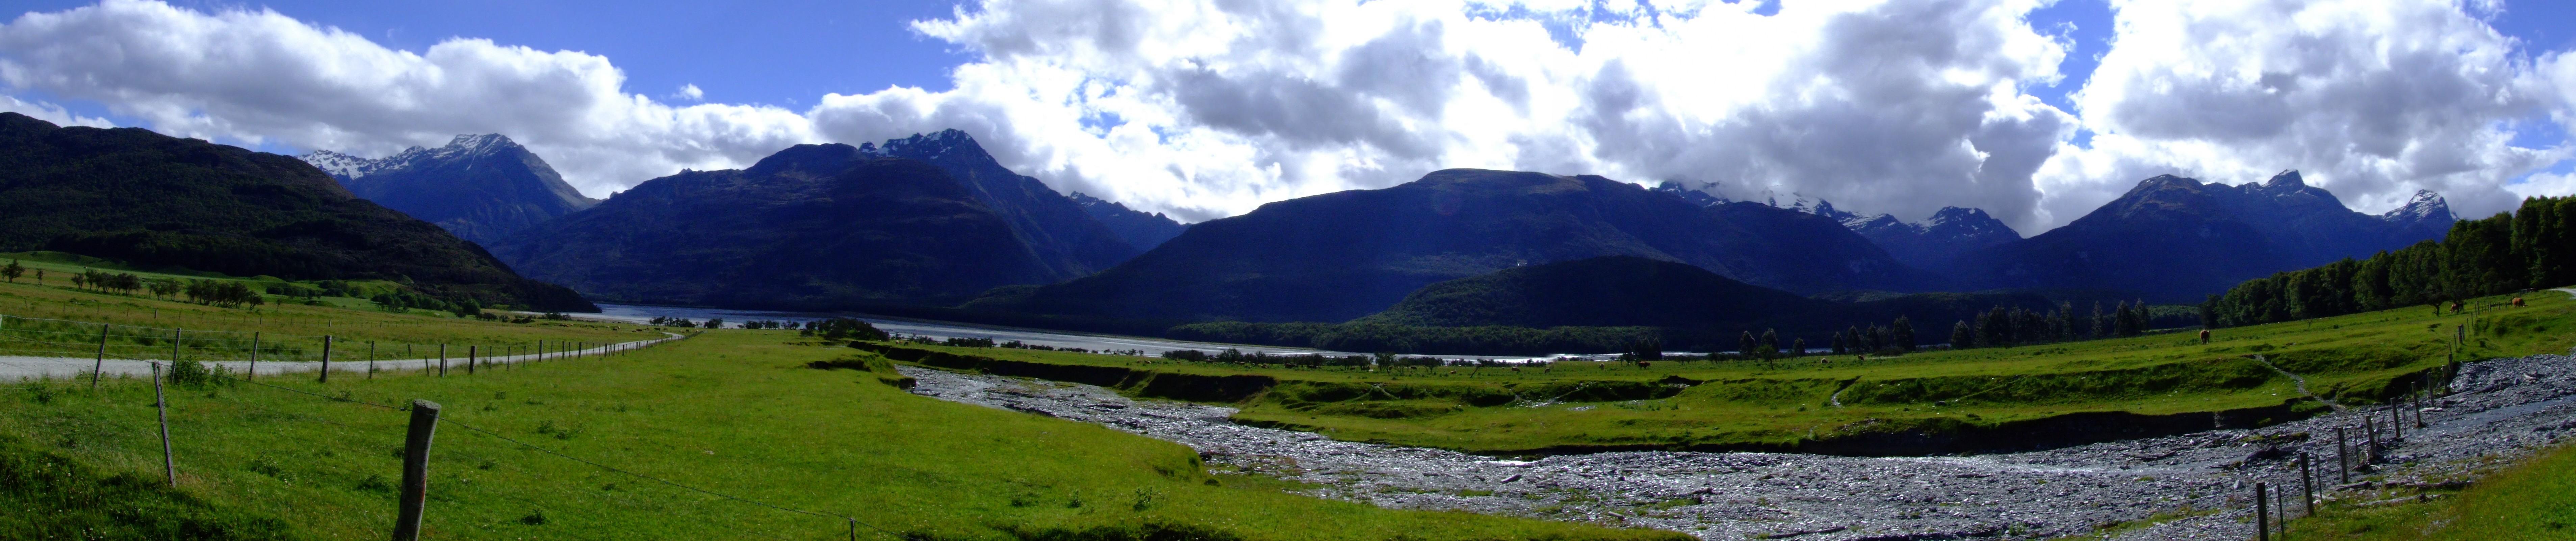 Pano Granorki, New Zealand